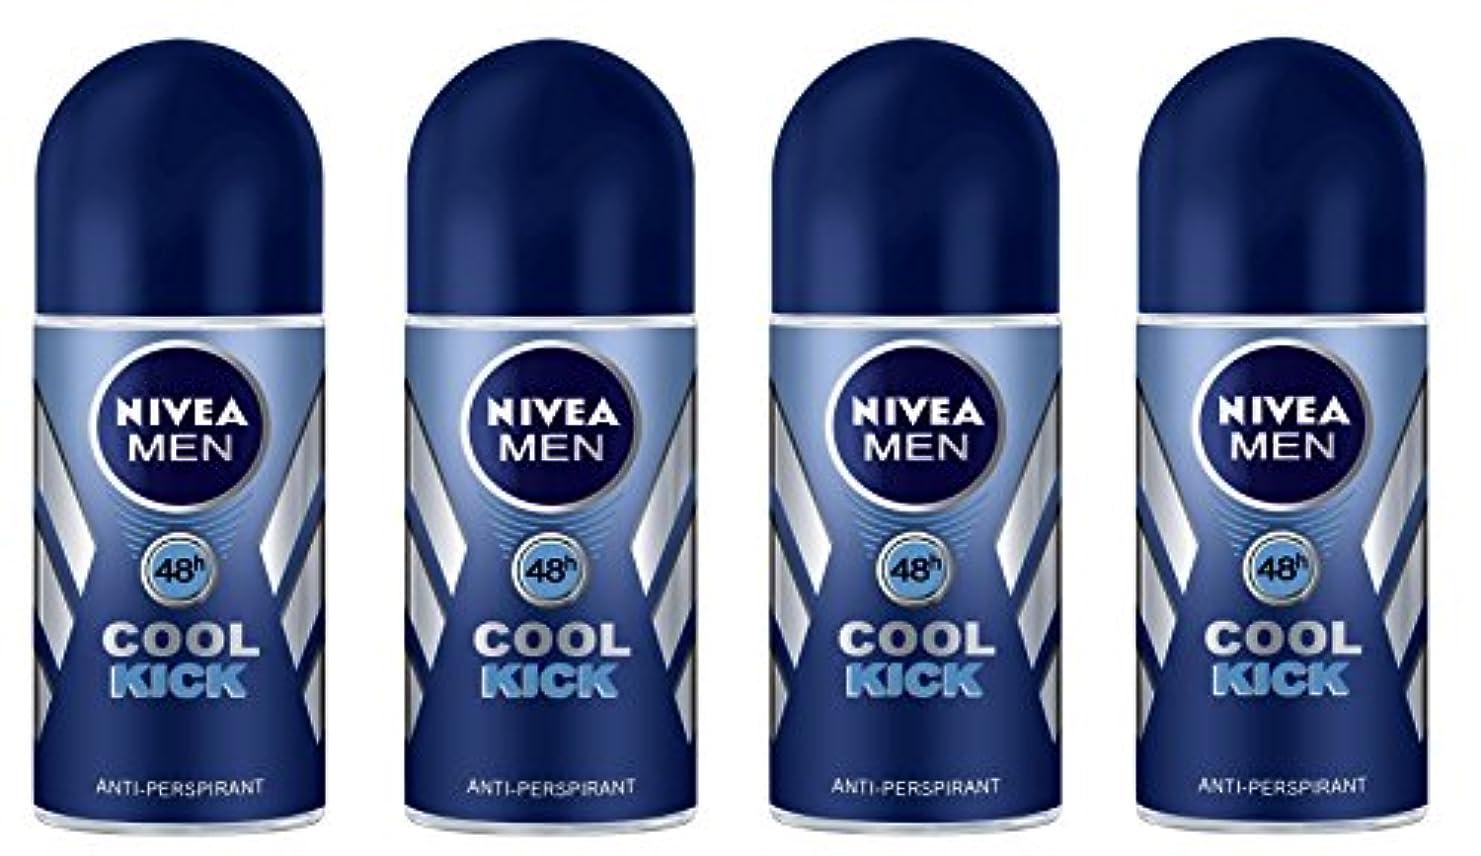 コットン注入する懲らしめ(Pack of 4) Nivea Cool Kick Anti-perspirant Deodorant Roll On for Men 4x50ml - (4パック) ニベアクールキック制汗剤デオドラントロールオン男性用4x50ml